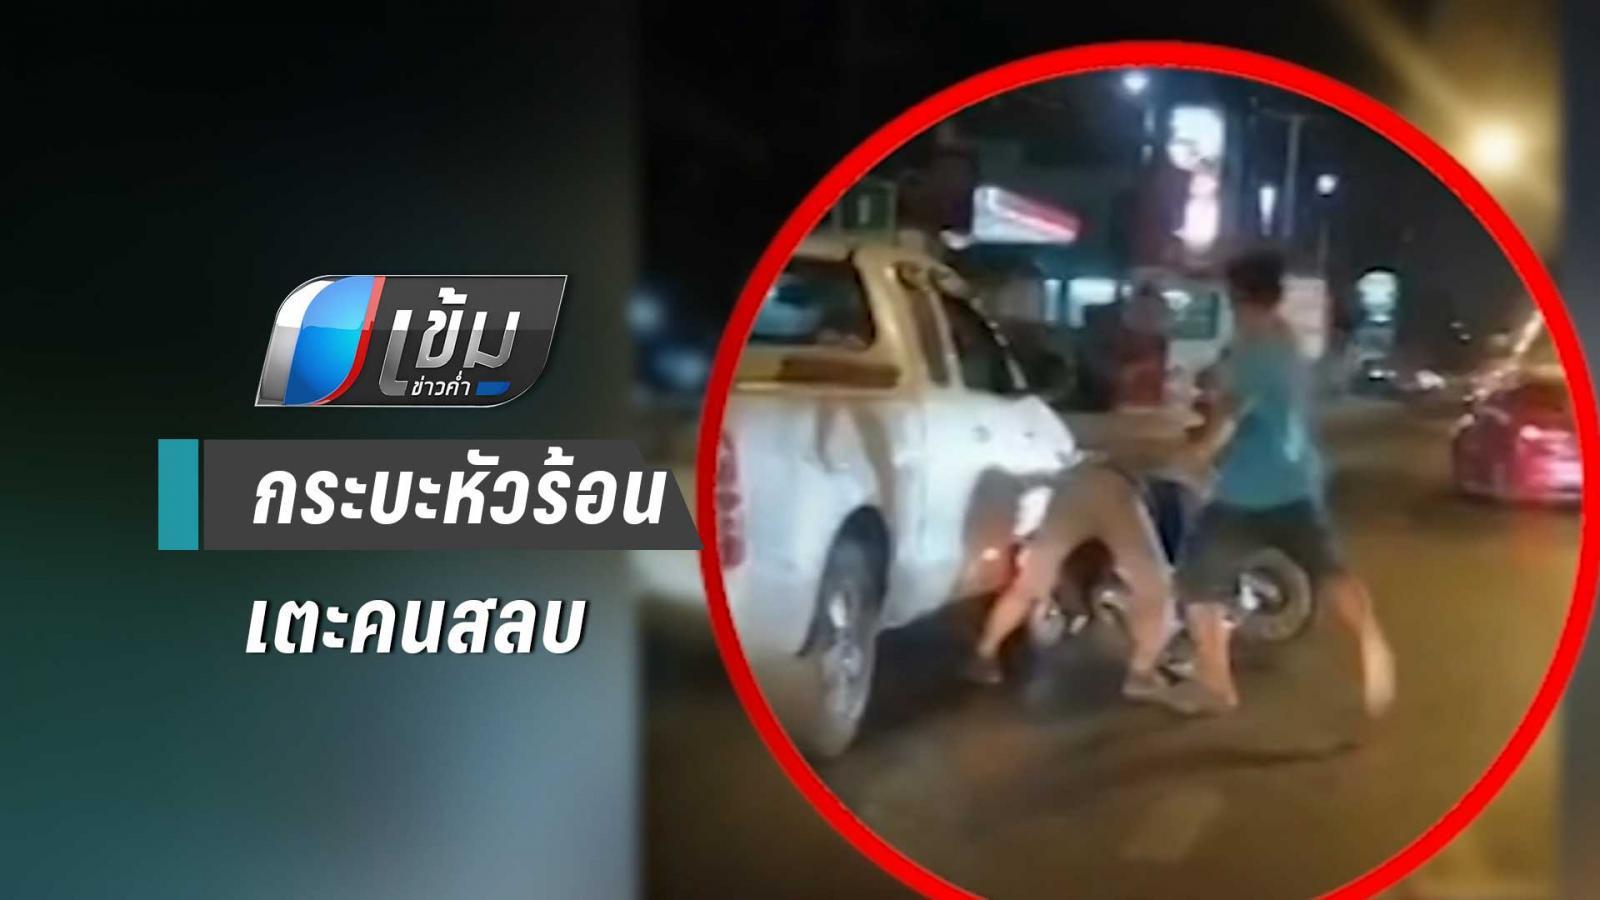 หนุ่มกระบะหัวร้อนเตะต่อยคนขี่รถจยย.สลบกลางถนนสุขุมวิท